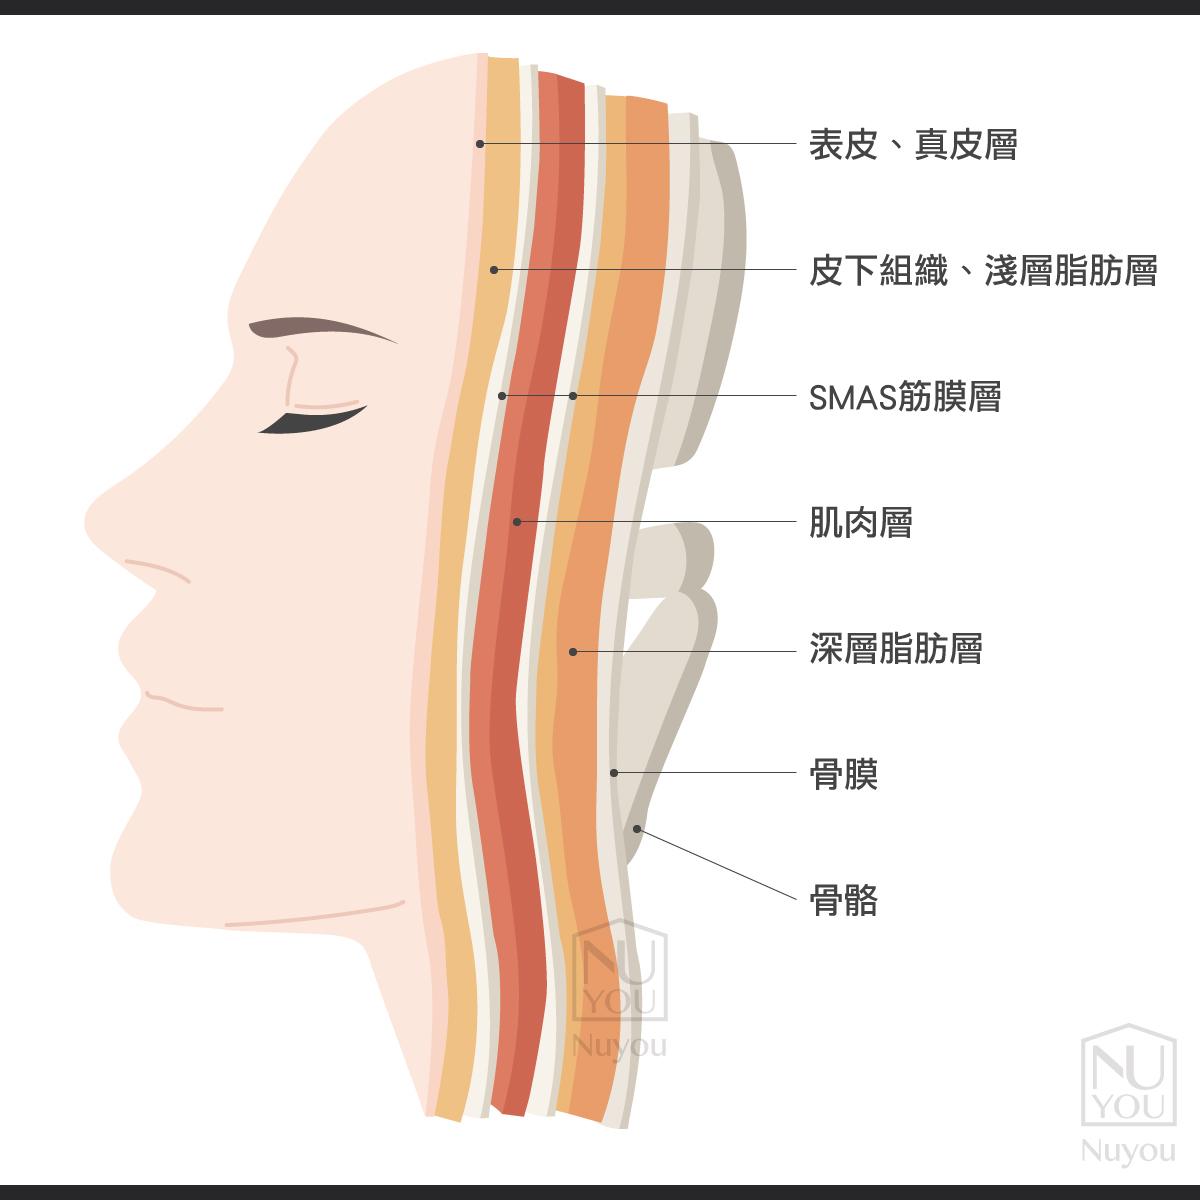 皮膚層次圖